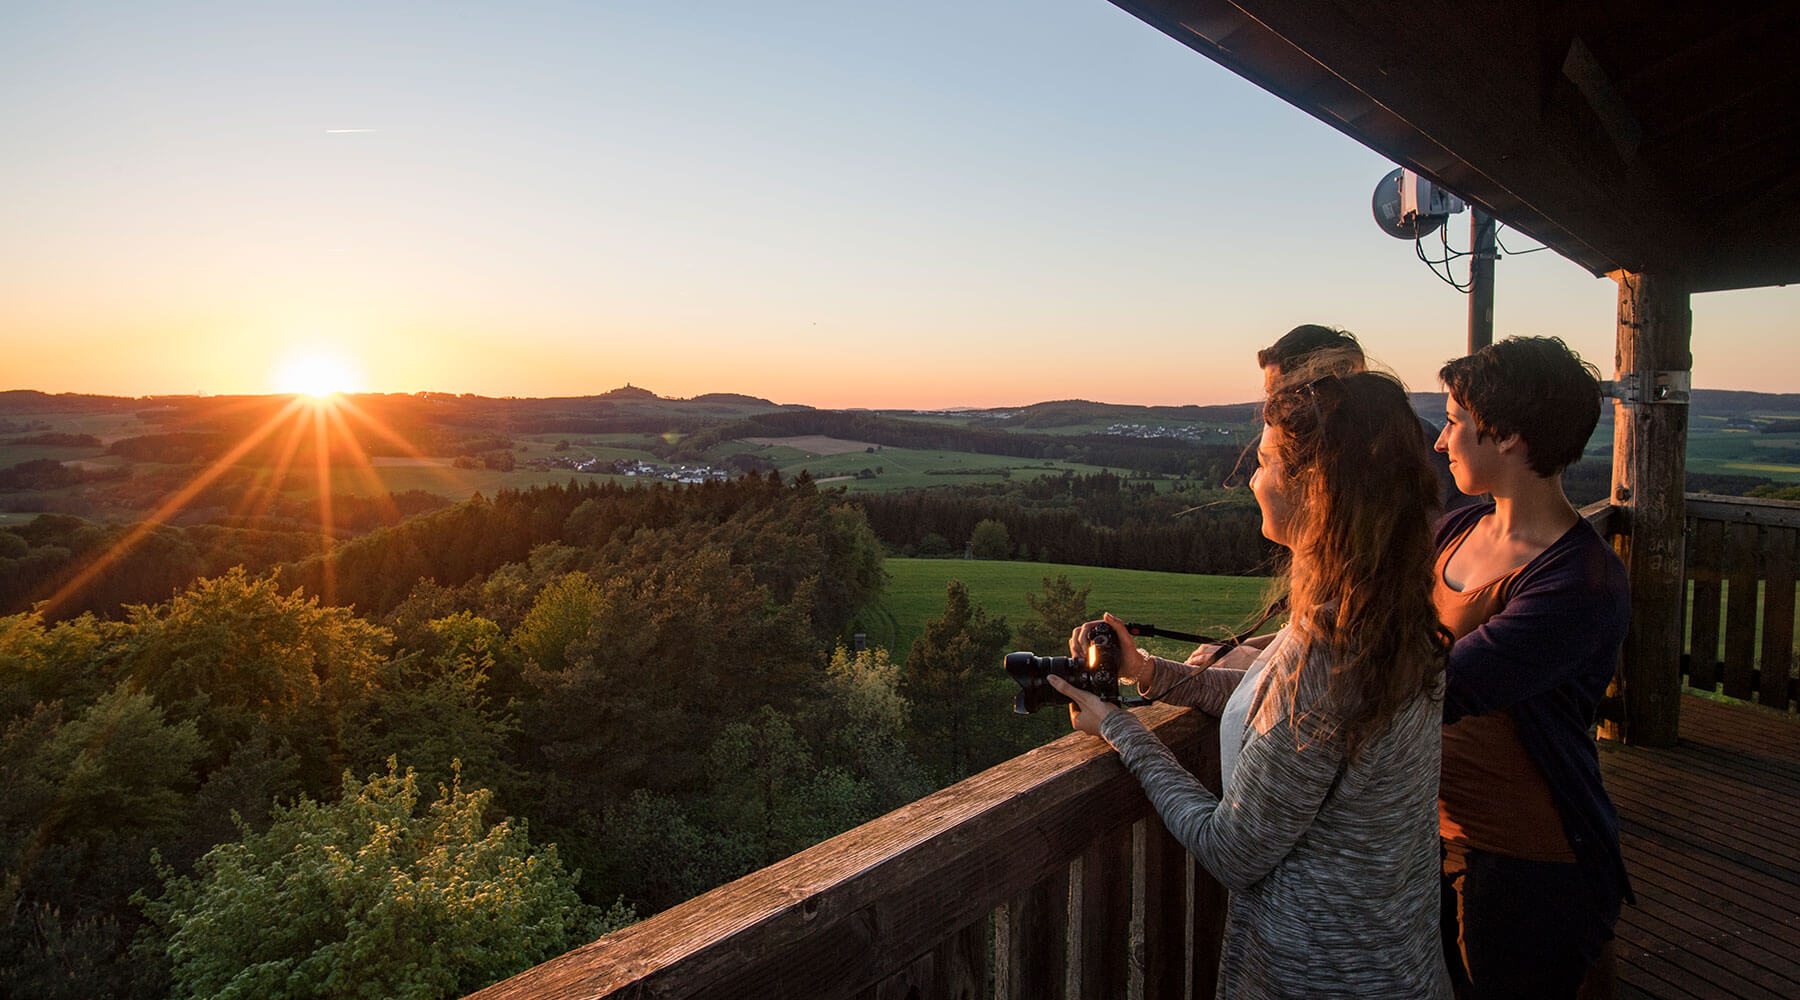 Sonnenuntergang auf dem Eifelturmpfad